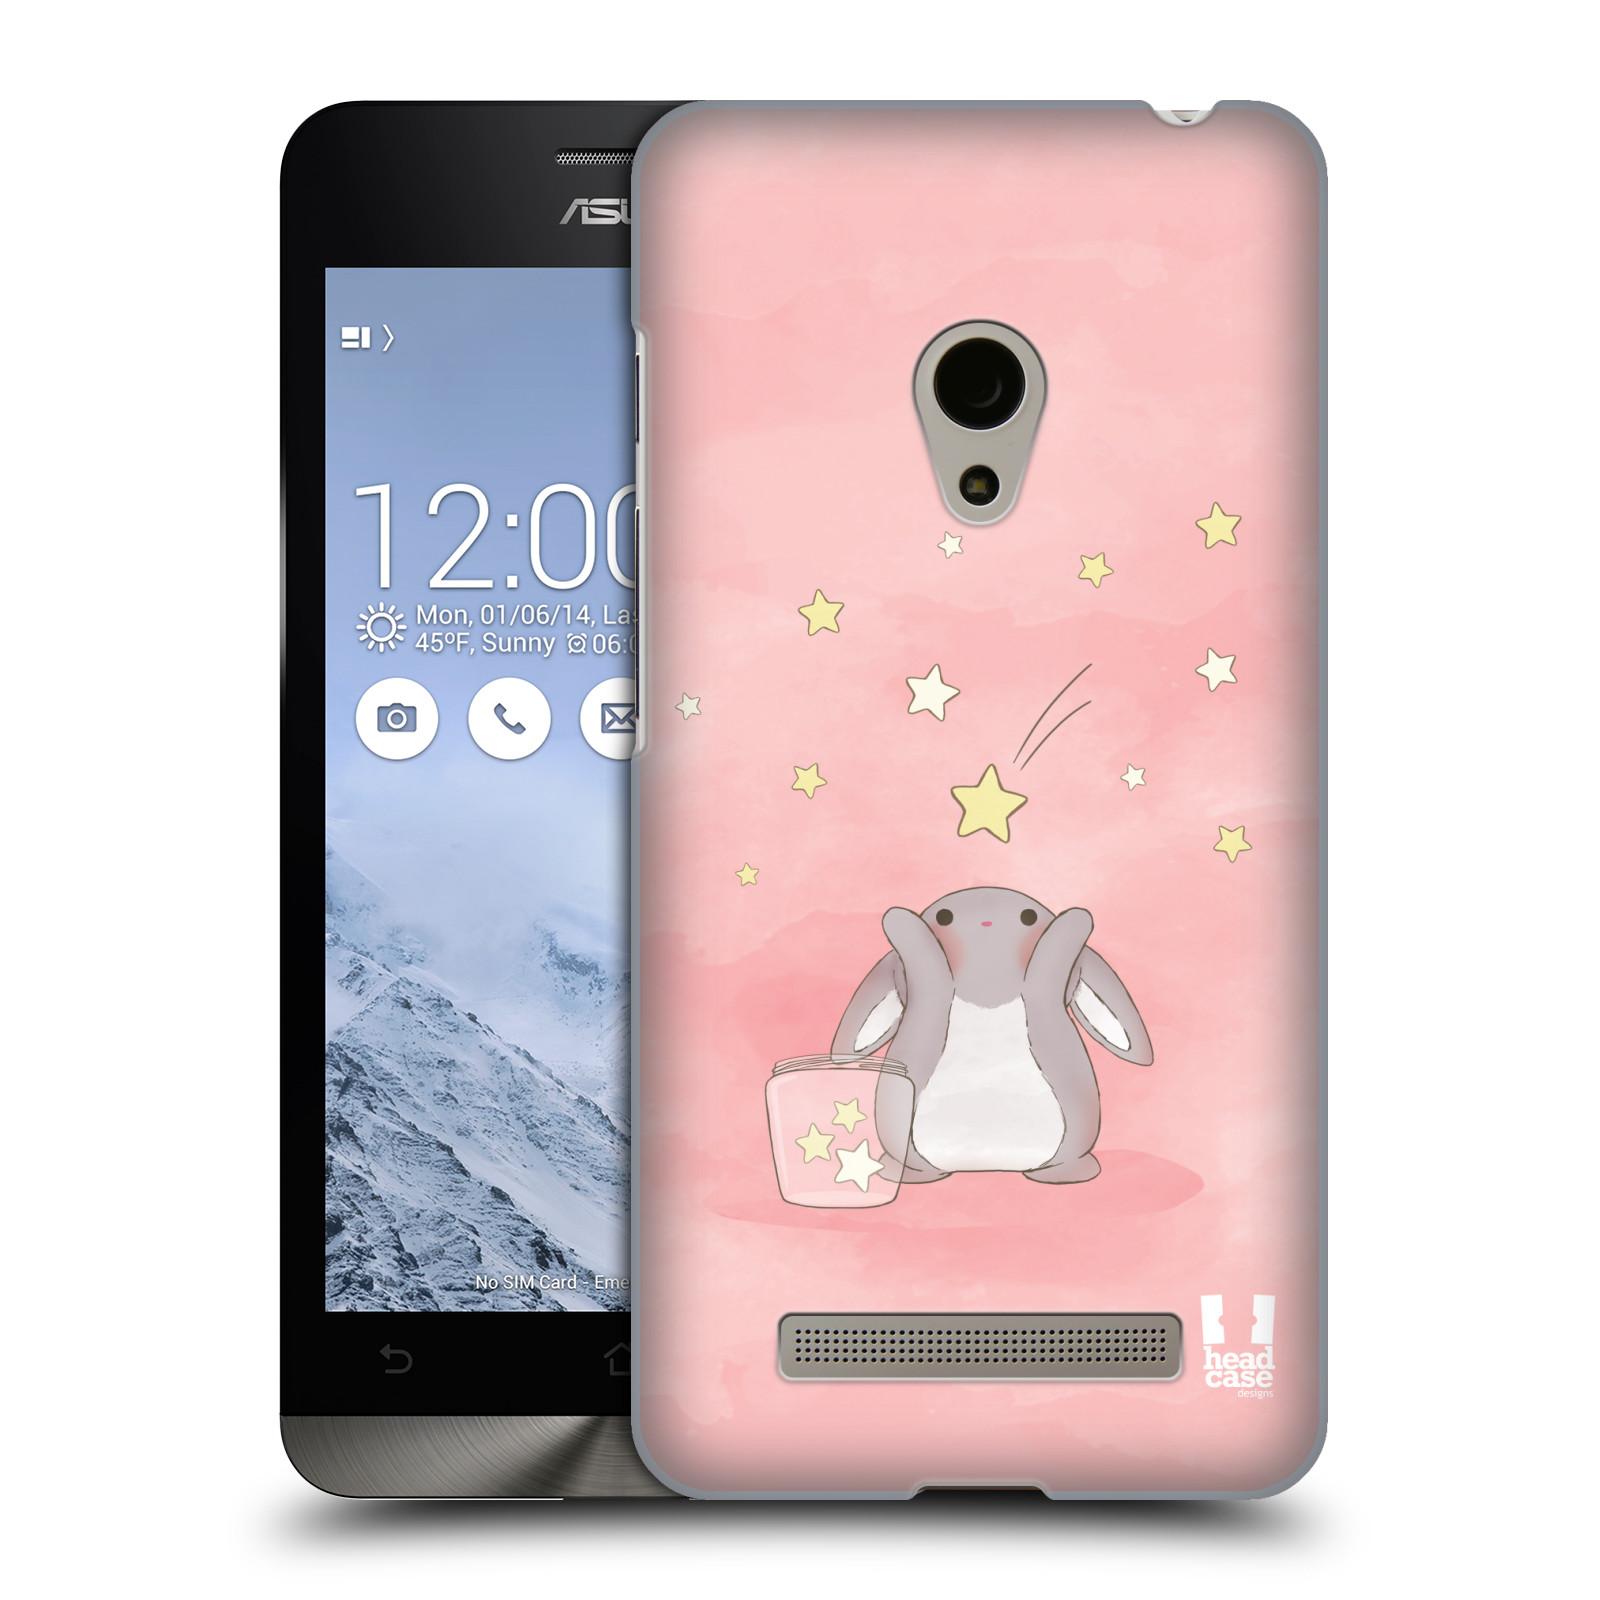 HEAD CASE plastový obal na mobil Asus Zenfone 5 vzor králíček a hvězdy růžová